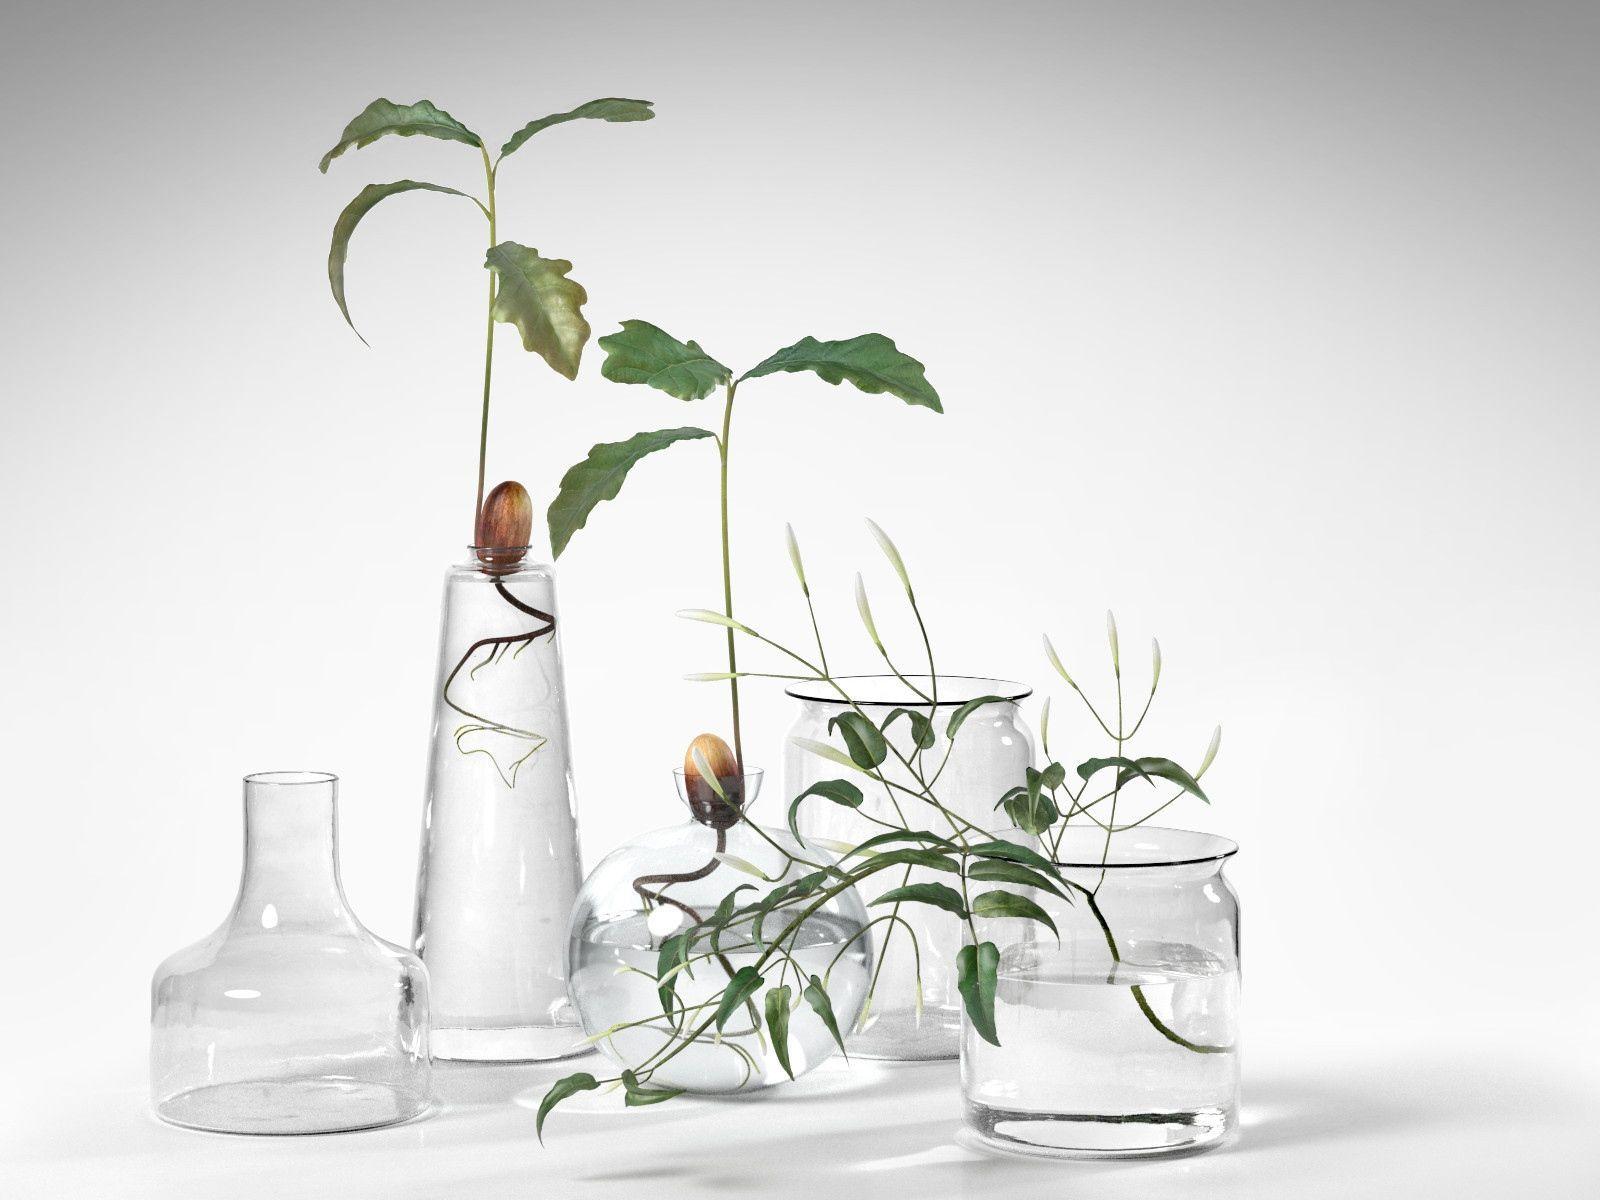 35 Beautiful Flower Water In Vase